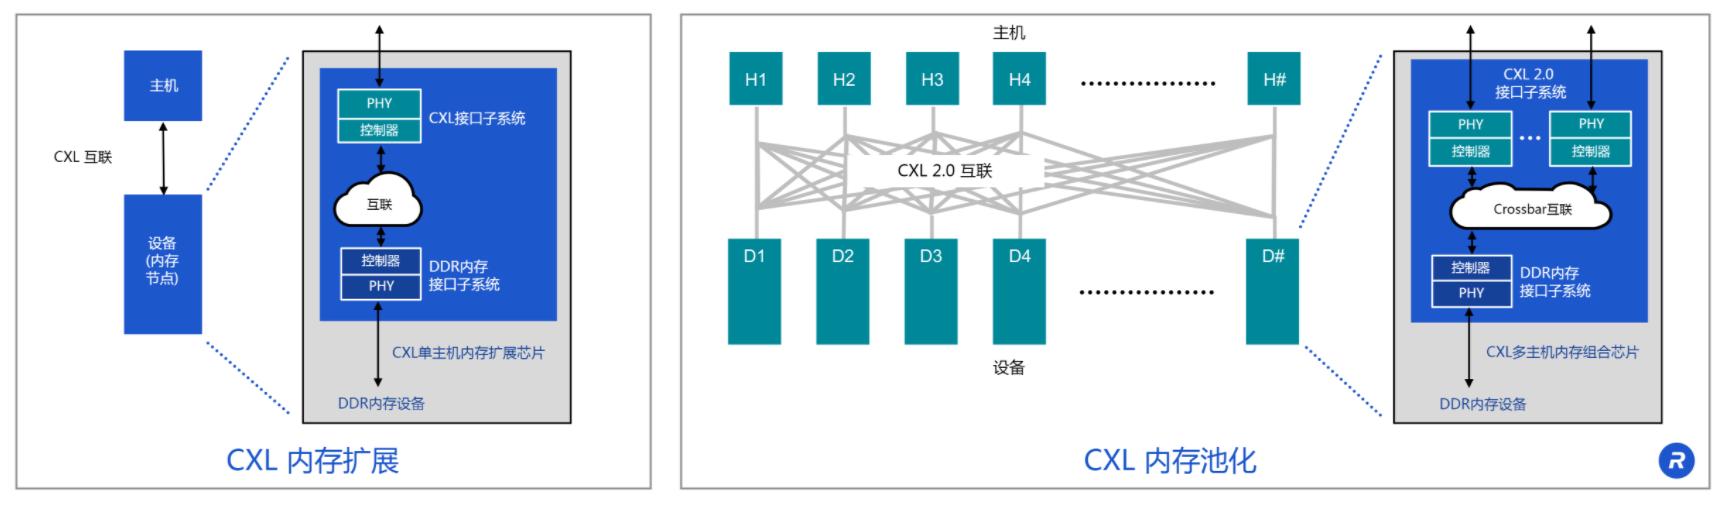 Rambus發布CXL?內存互連計劃,引領數據中心架構進入新時代